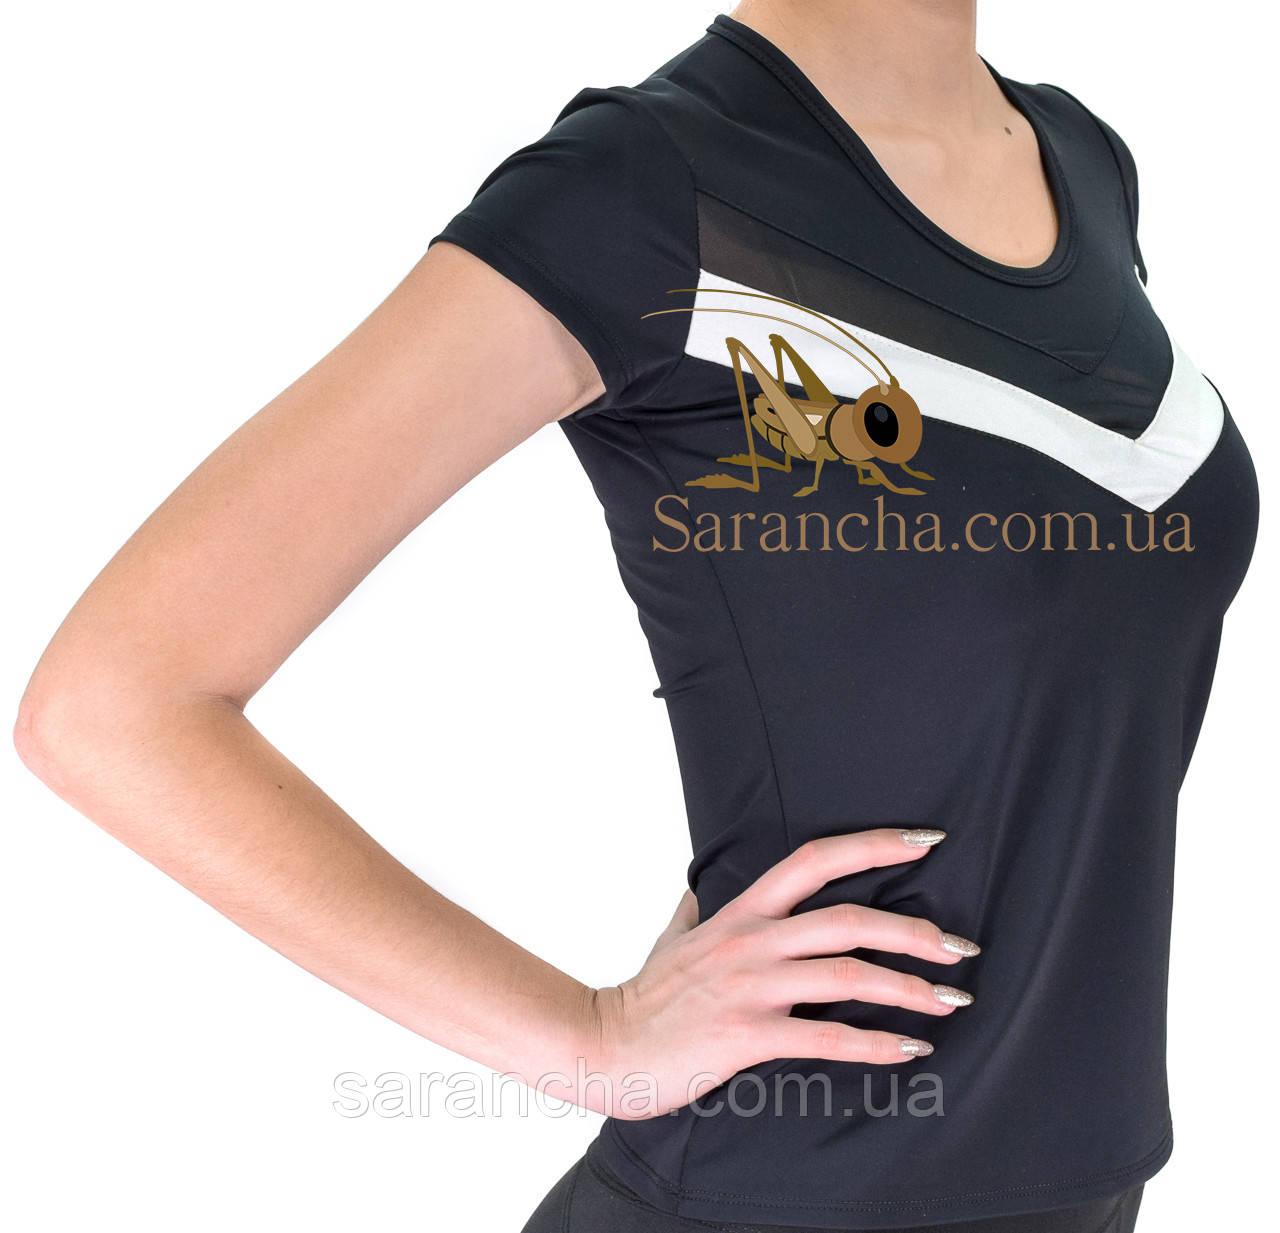 Женская футболка с белыми вставками для занятий спортом